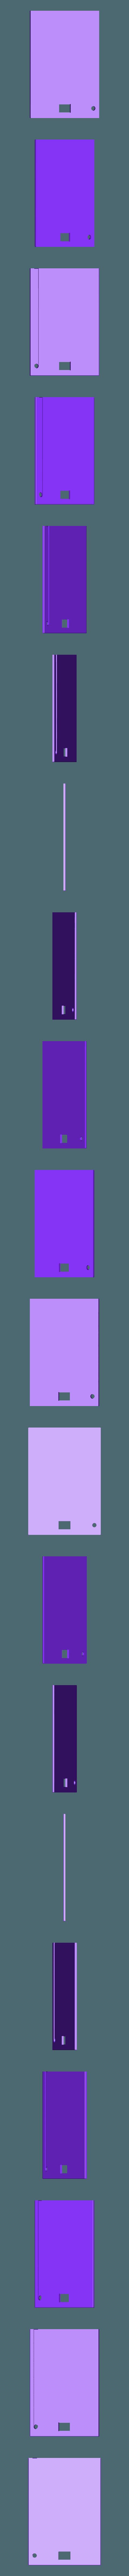 alzado posterior.STL Télécharger fichier STL Boîte à lumière Funko Pop • Plan pour imprimante 3D, SnakeCreations